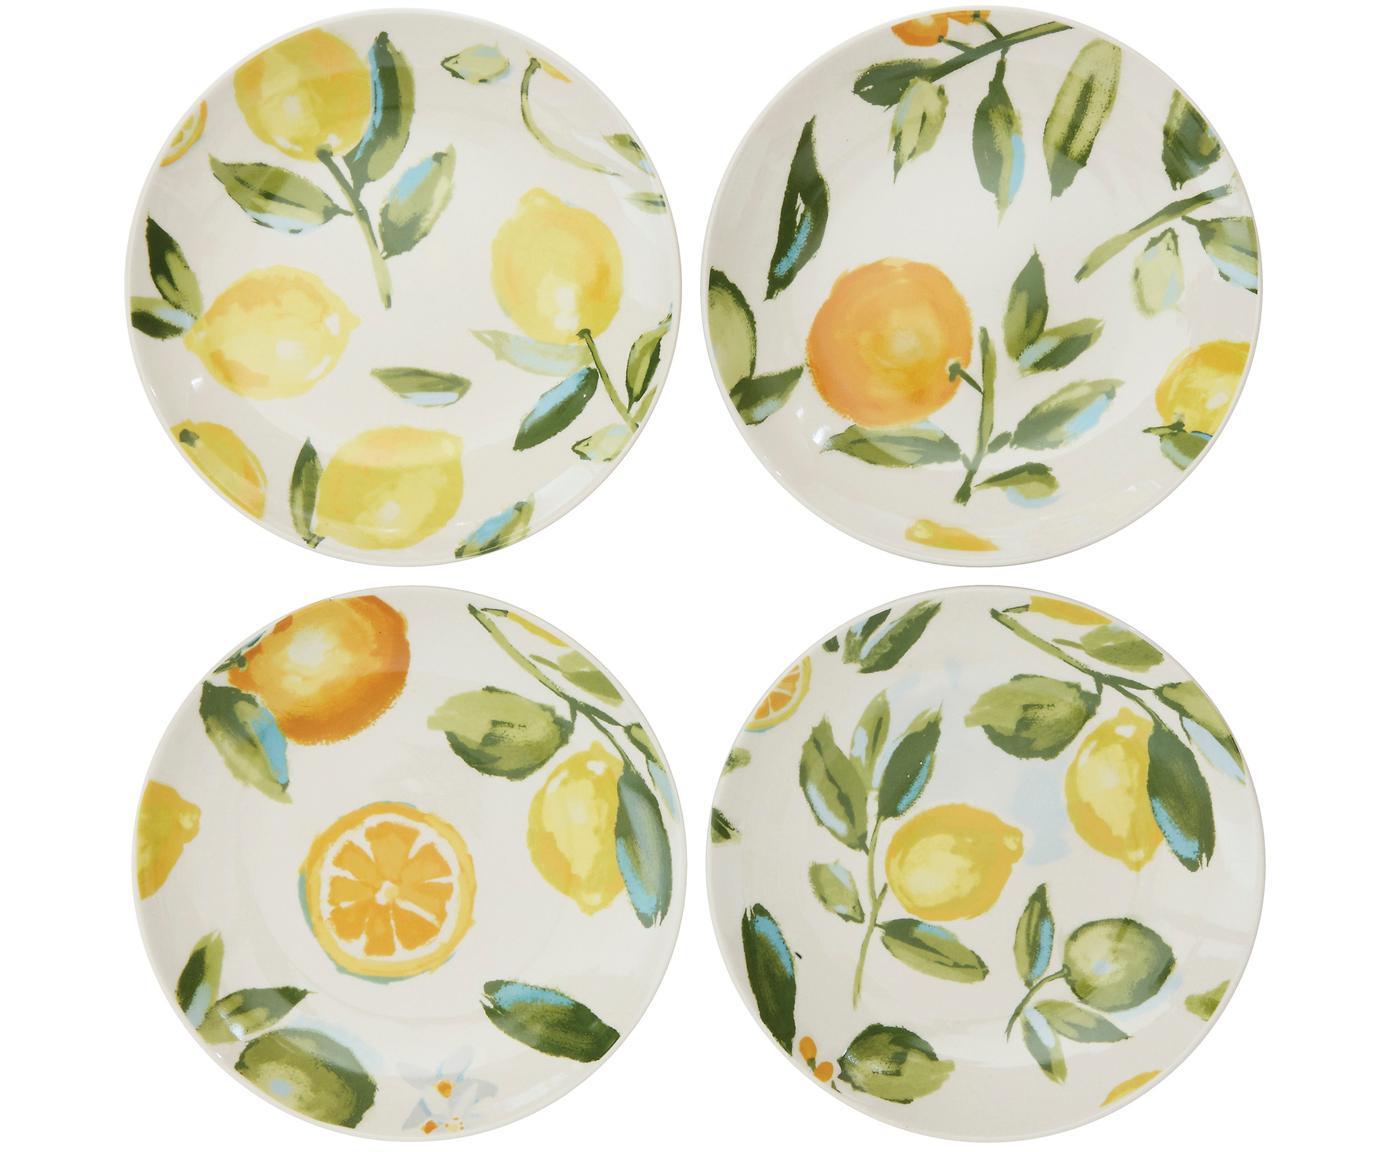 Handgemachte Frühstücksteller Gatherings, 4er-Set, Steingut, Weiß, Grün, Gelb, Ø 21 x H 3 cm